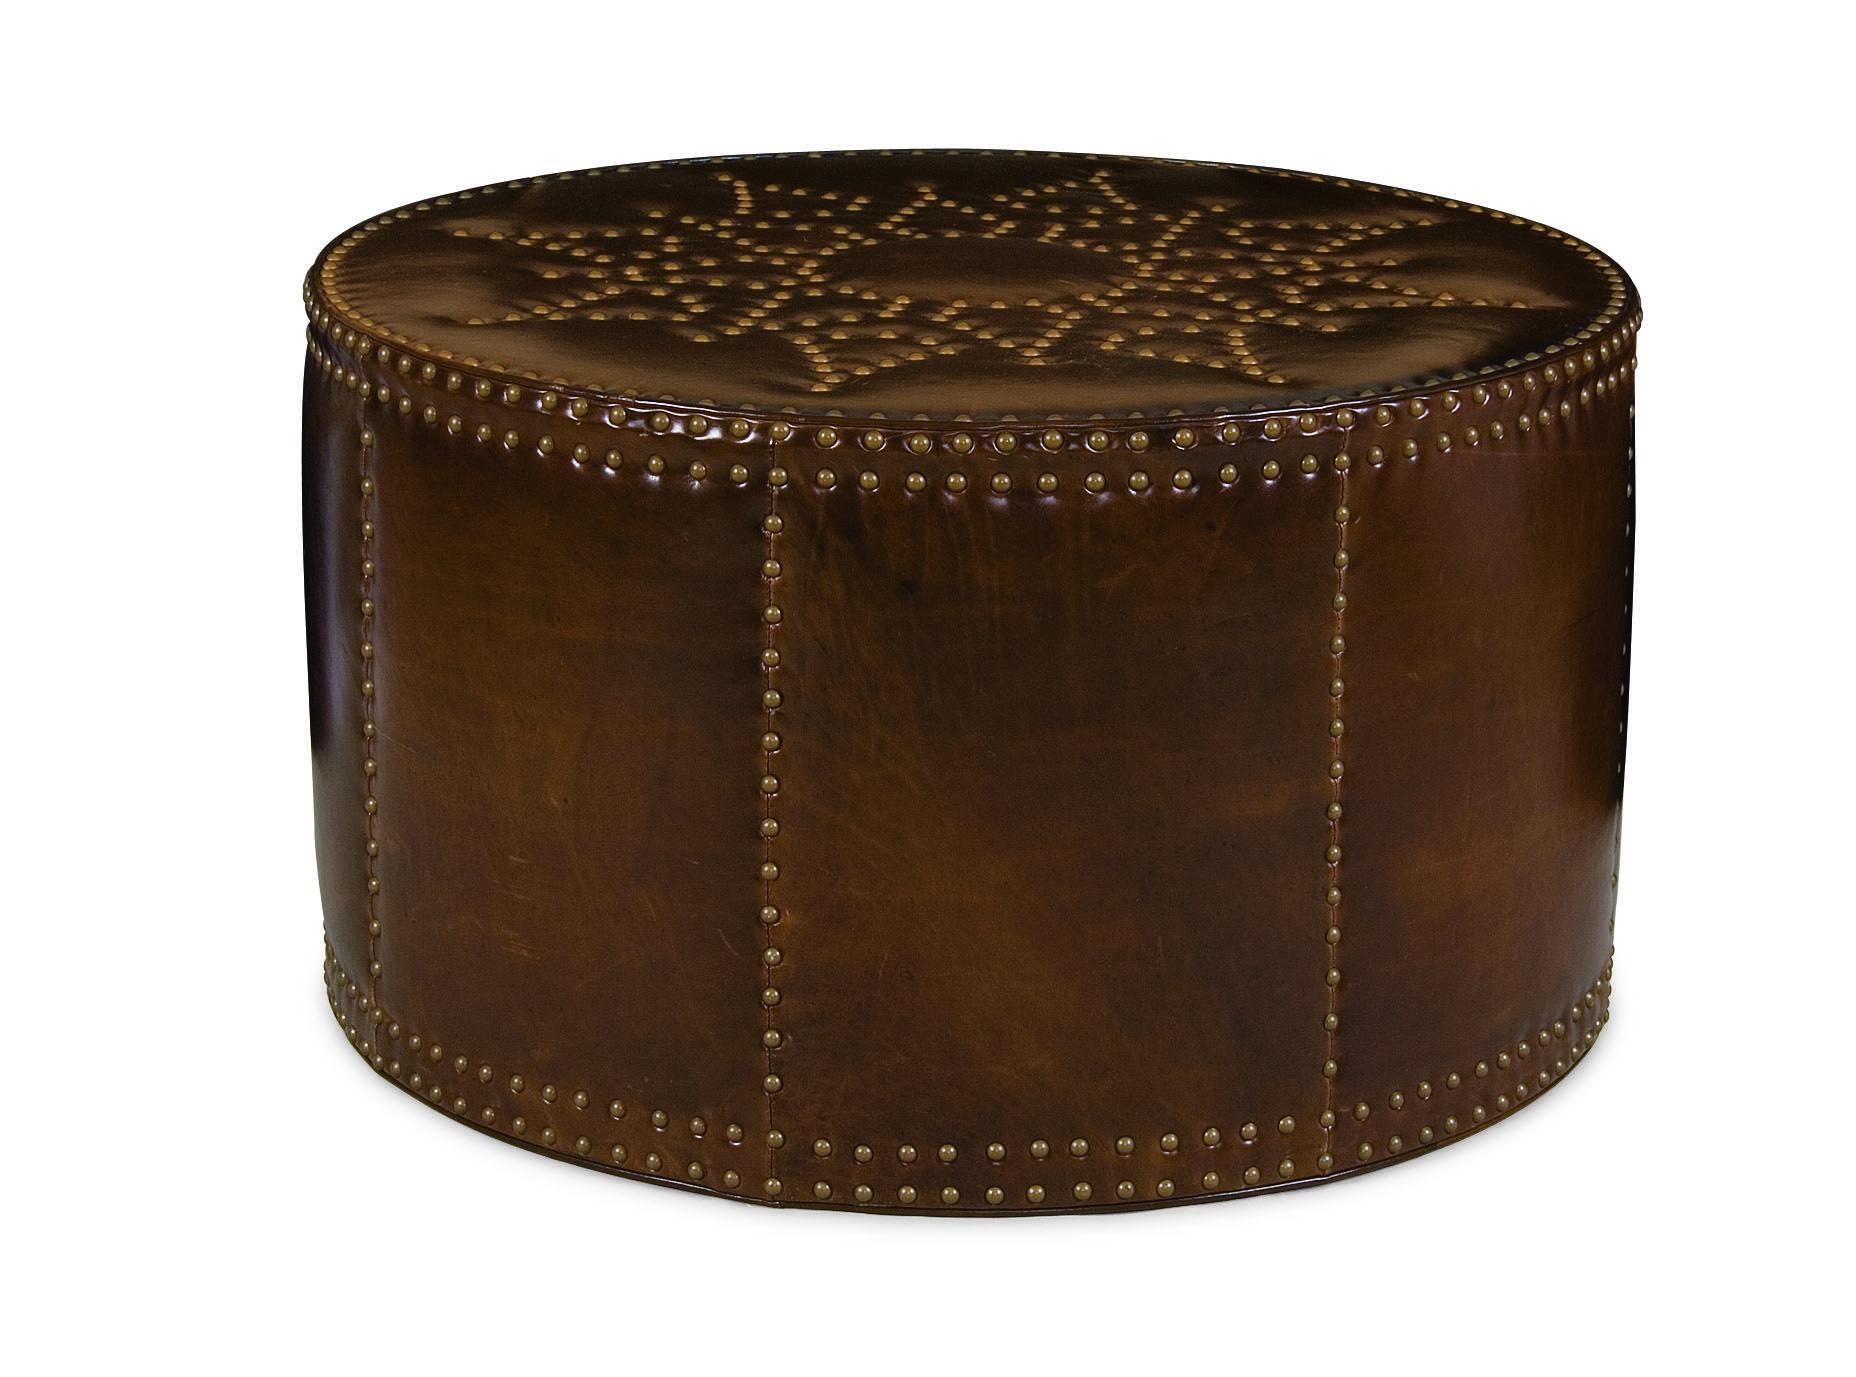 Lee drum ottoman Ottoman, Ottoman stool, Lee industries